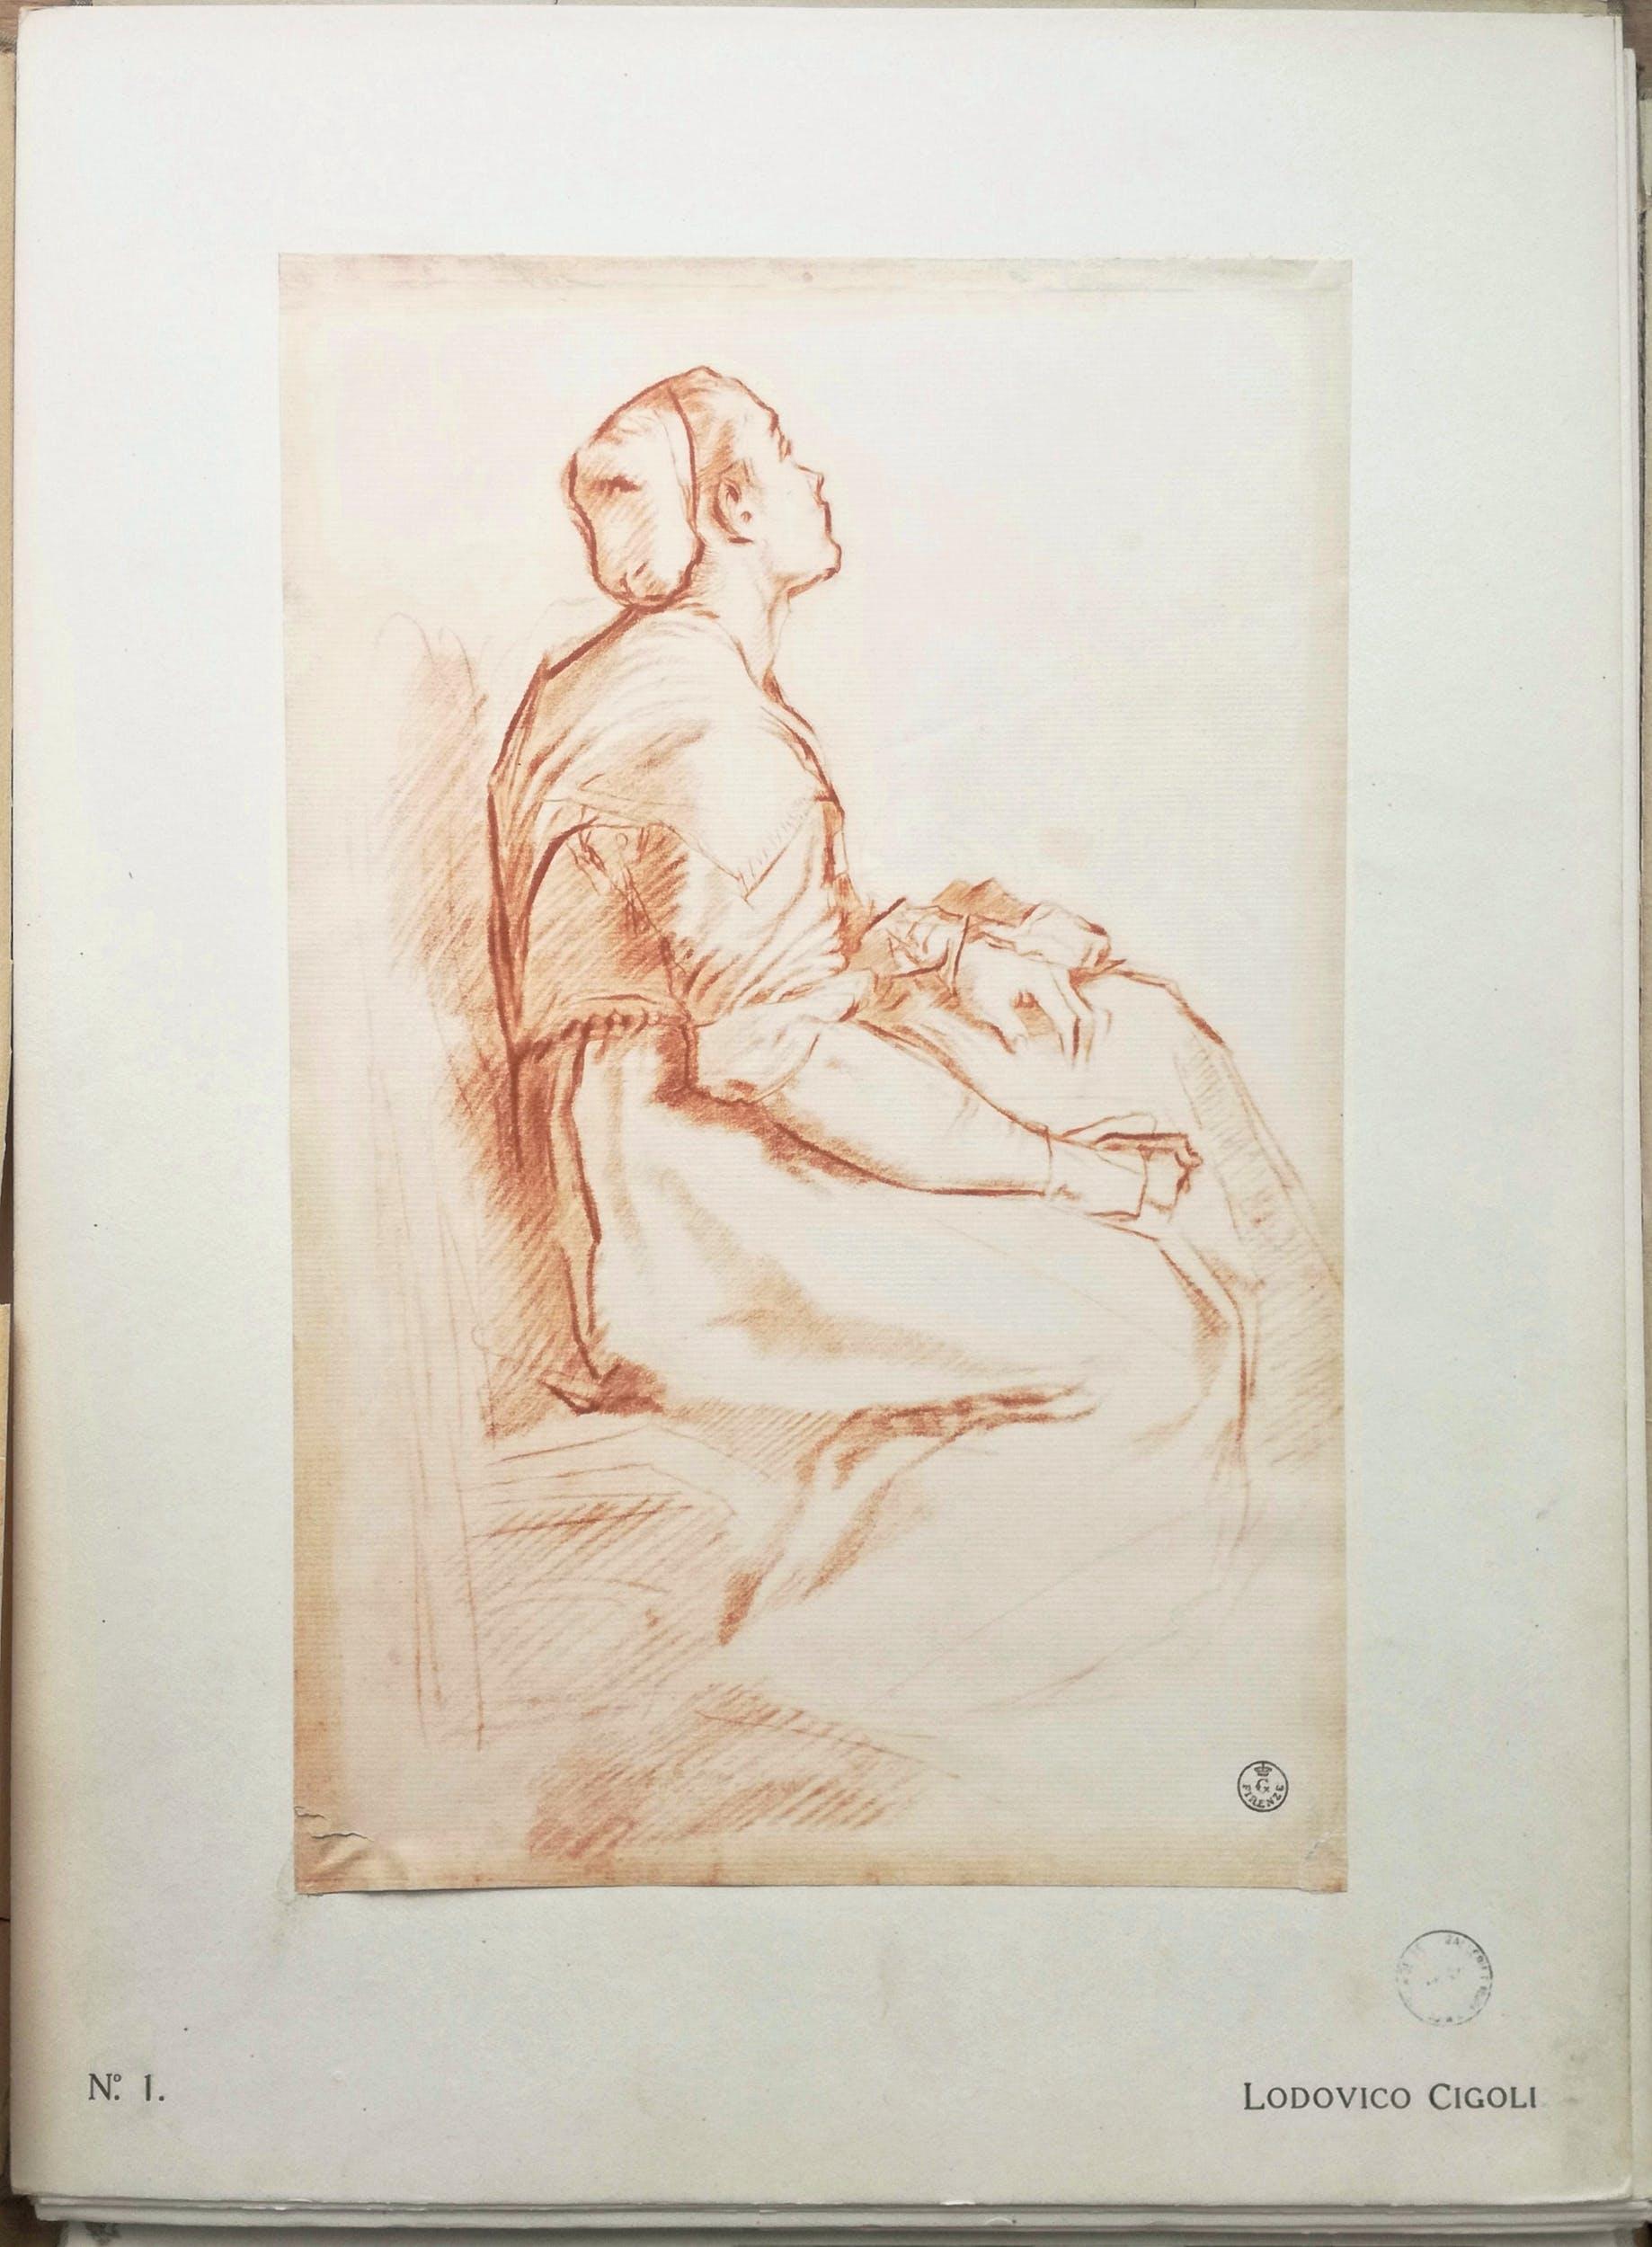 """Facsimile del disegno di L. Cigoli, """"Figura femminile seduta"""", Serie II, fasc. I del """"Portafoglio Olschki"""""""